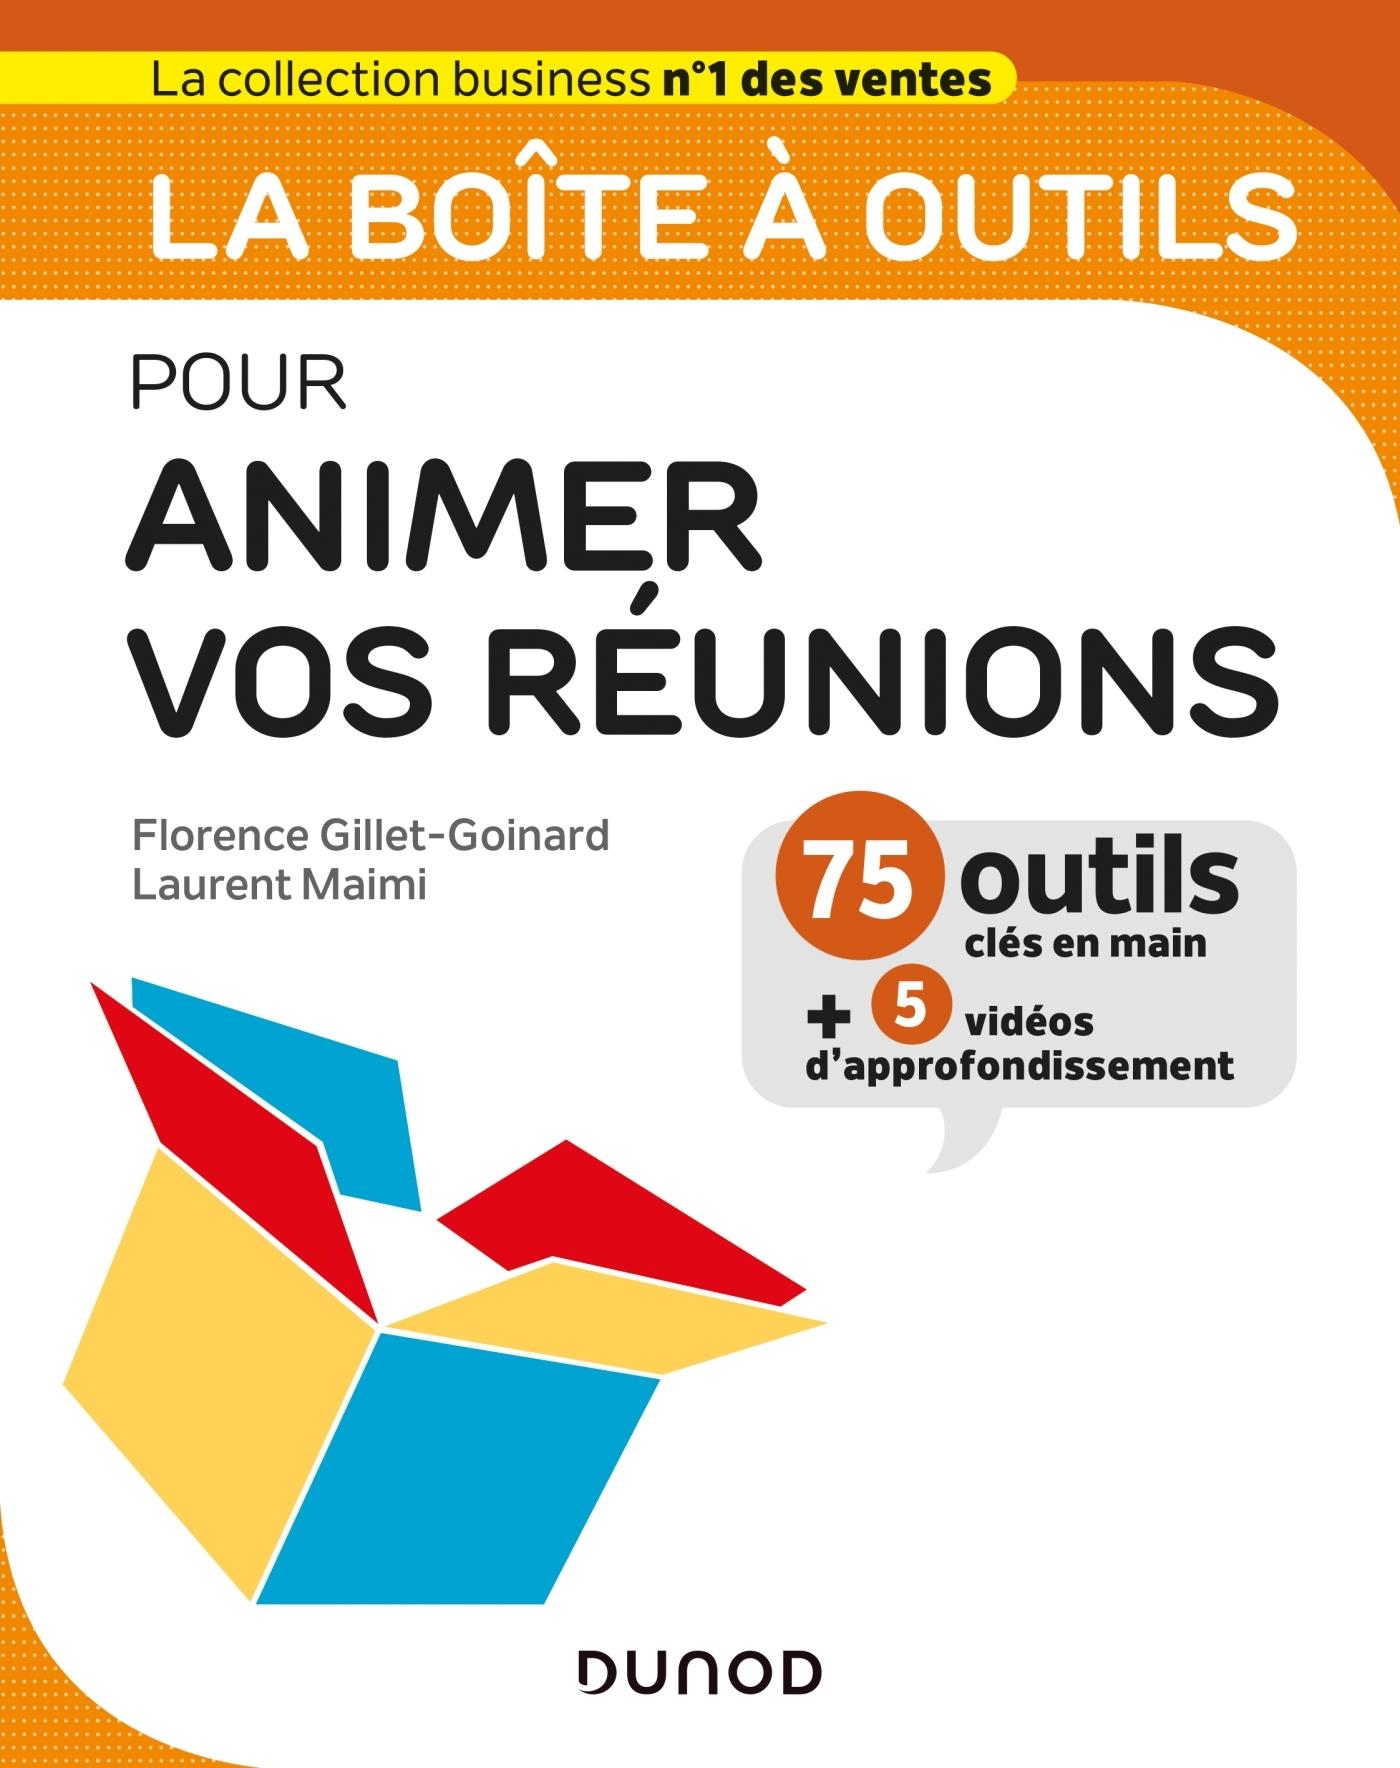 La Boite A Outils Pour Animer Vos Reunions Livre Et Ebook Efficacite Professionnelle De Florence Gillet Goinard Dunod